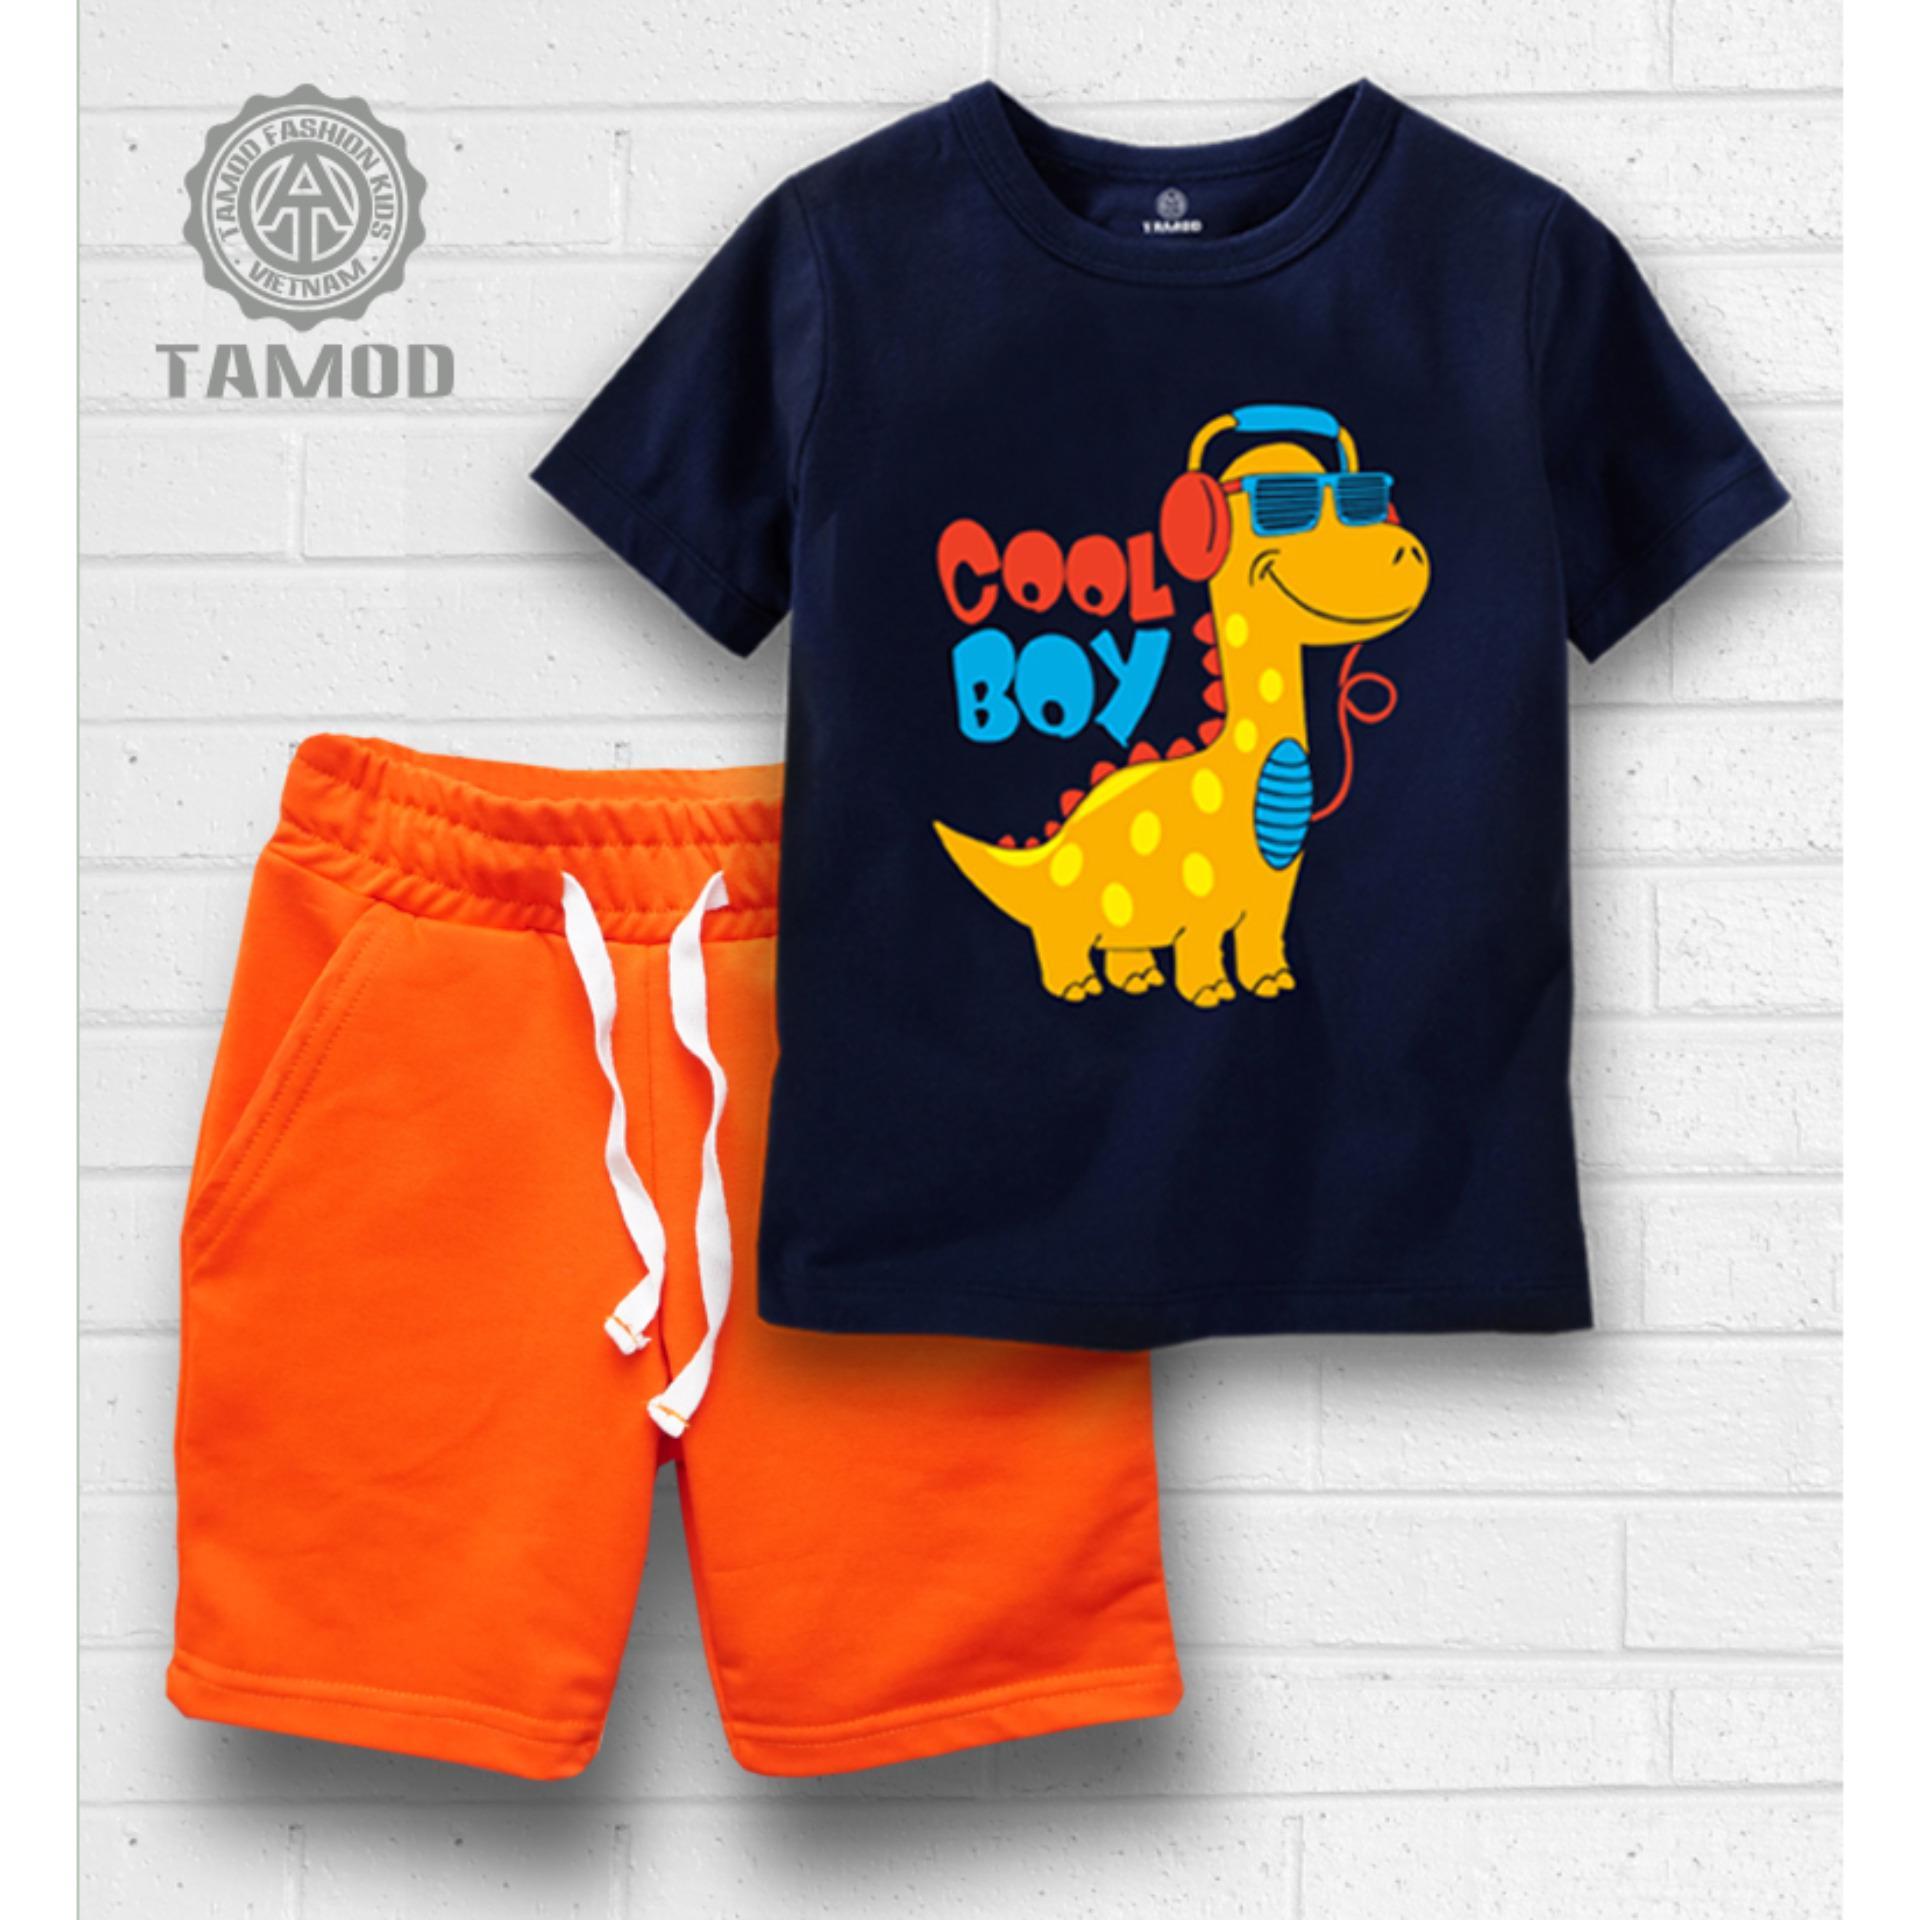 Quần áo bé trai TAMOD in hình khủng long dễ thương.